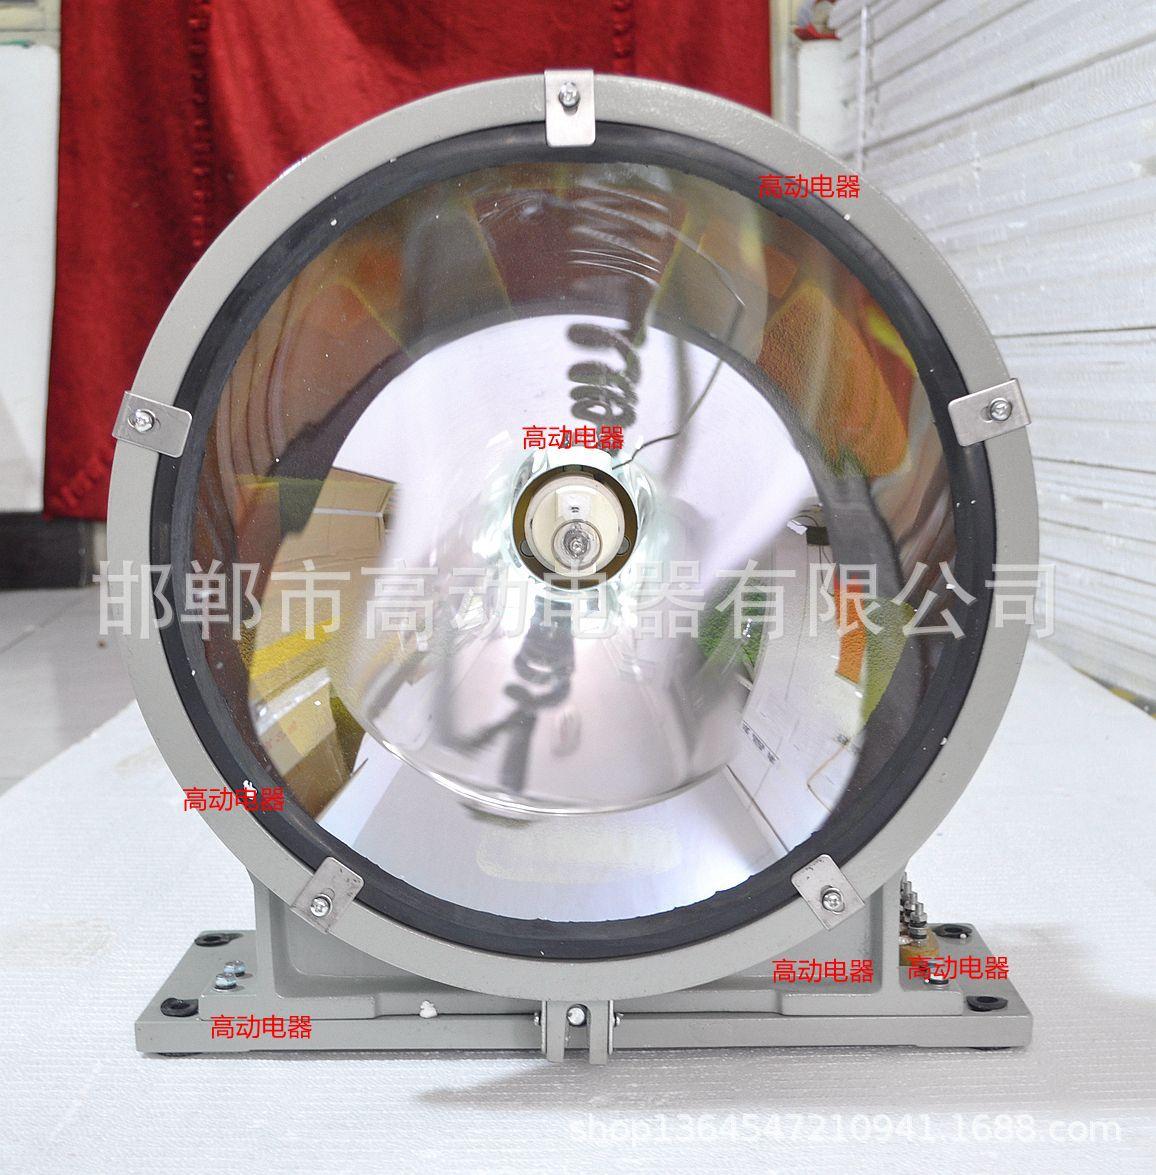 GD11L-11A,LQD-750鐵路機車鹵鎢鹵素前照燈總成SS4B,SS3B前照燈